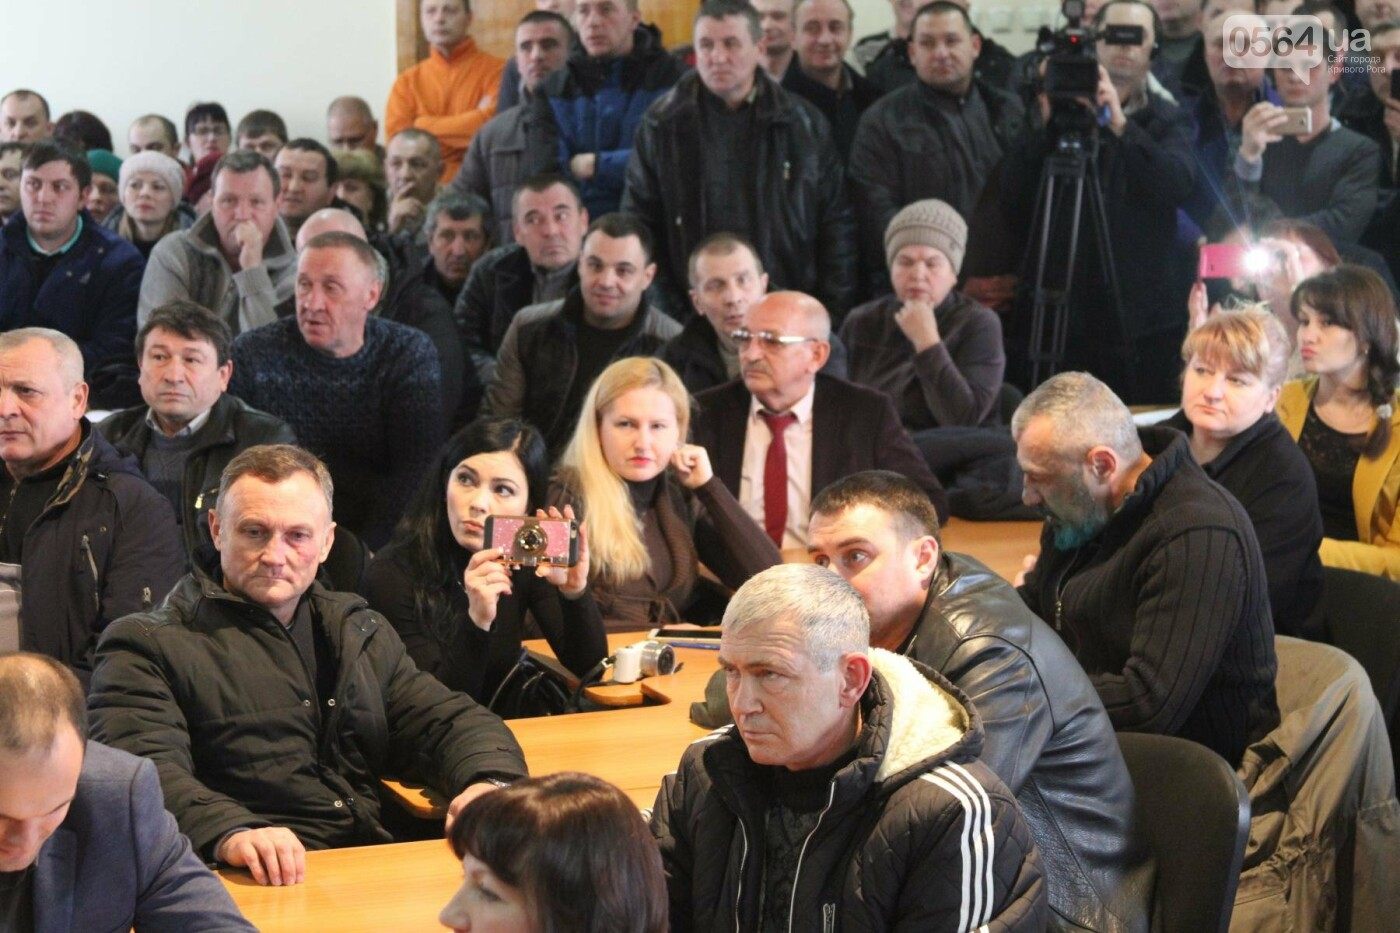 """Работники """"КривбассПВС"""" готовы бороться против рейдерского захвата стратегического госпредприятия (ФОТО, ВИДЕО), фото-63"""